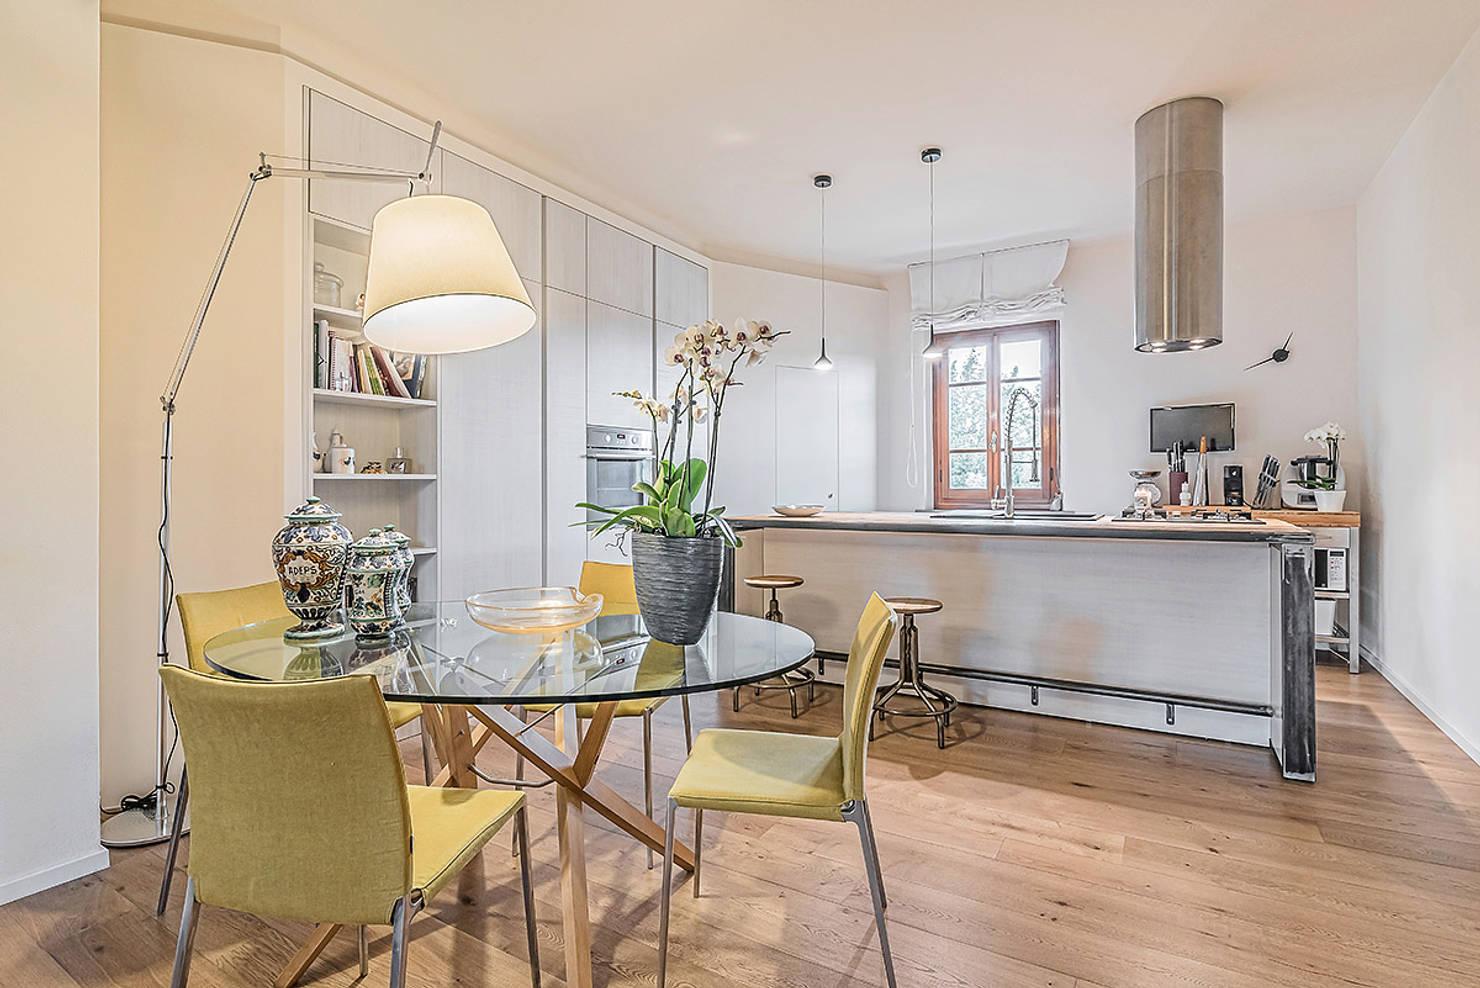 Apartamento Tem Boas Ideias Para Decoração Contemporânea Com Peças Clássicas